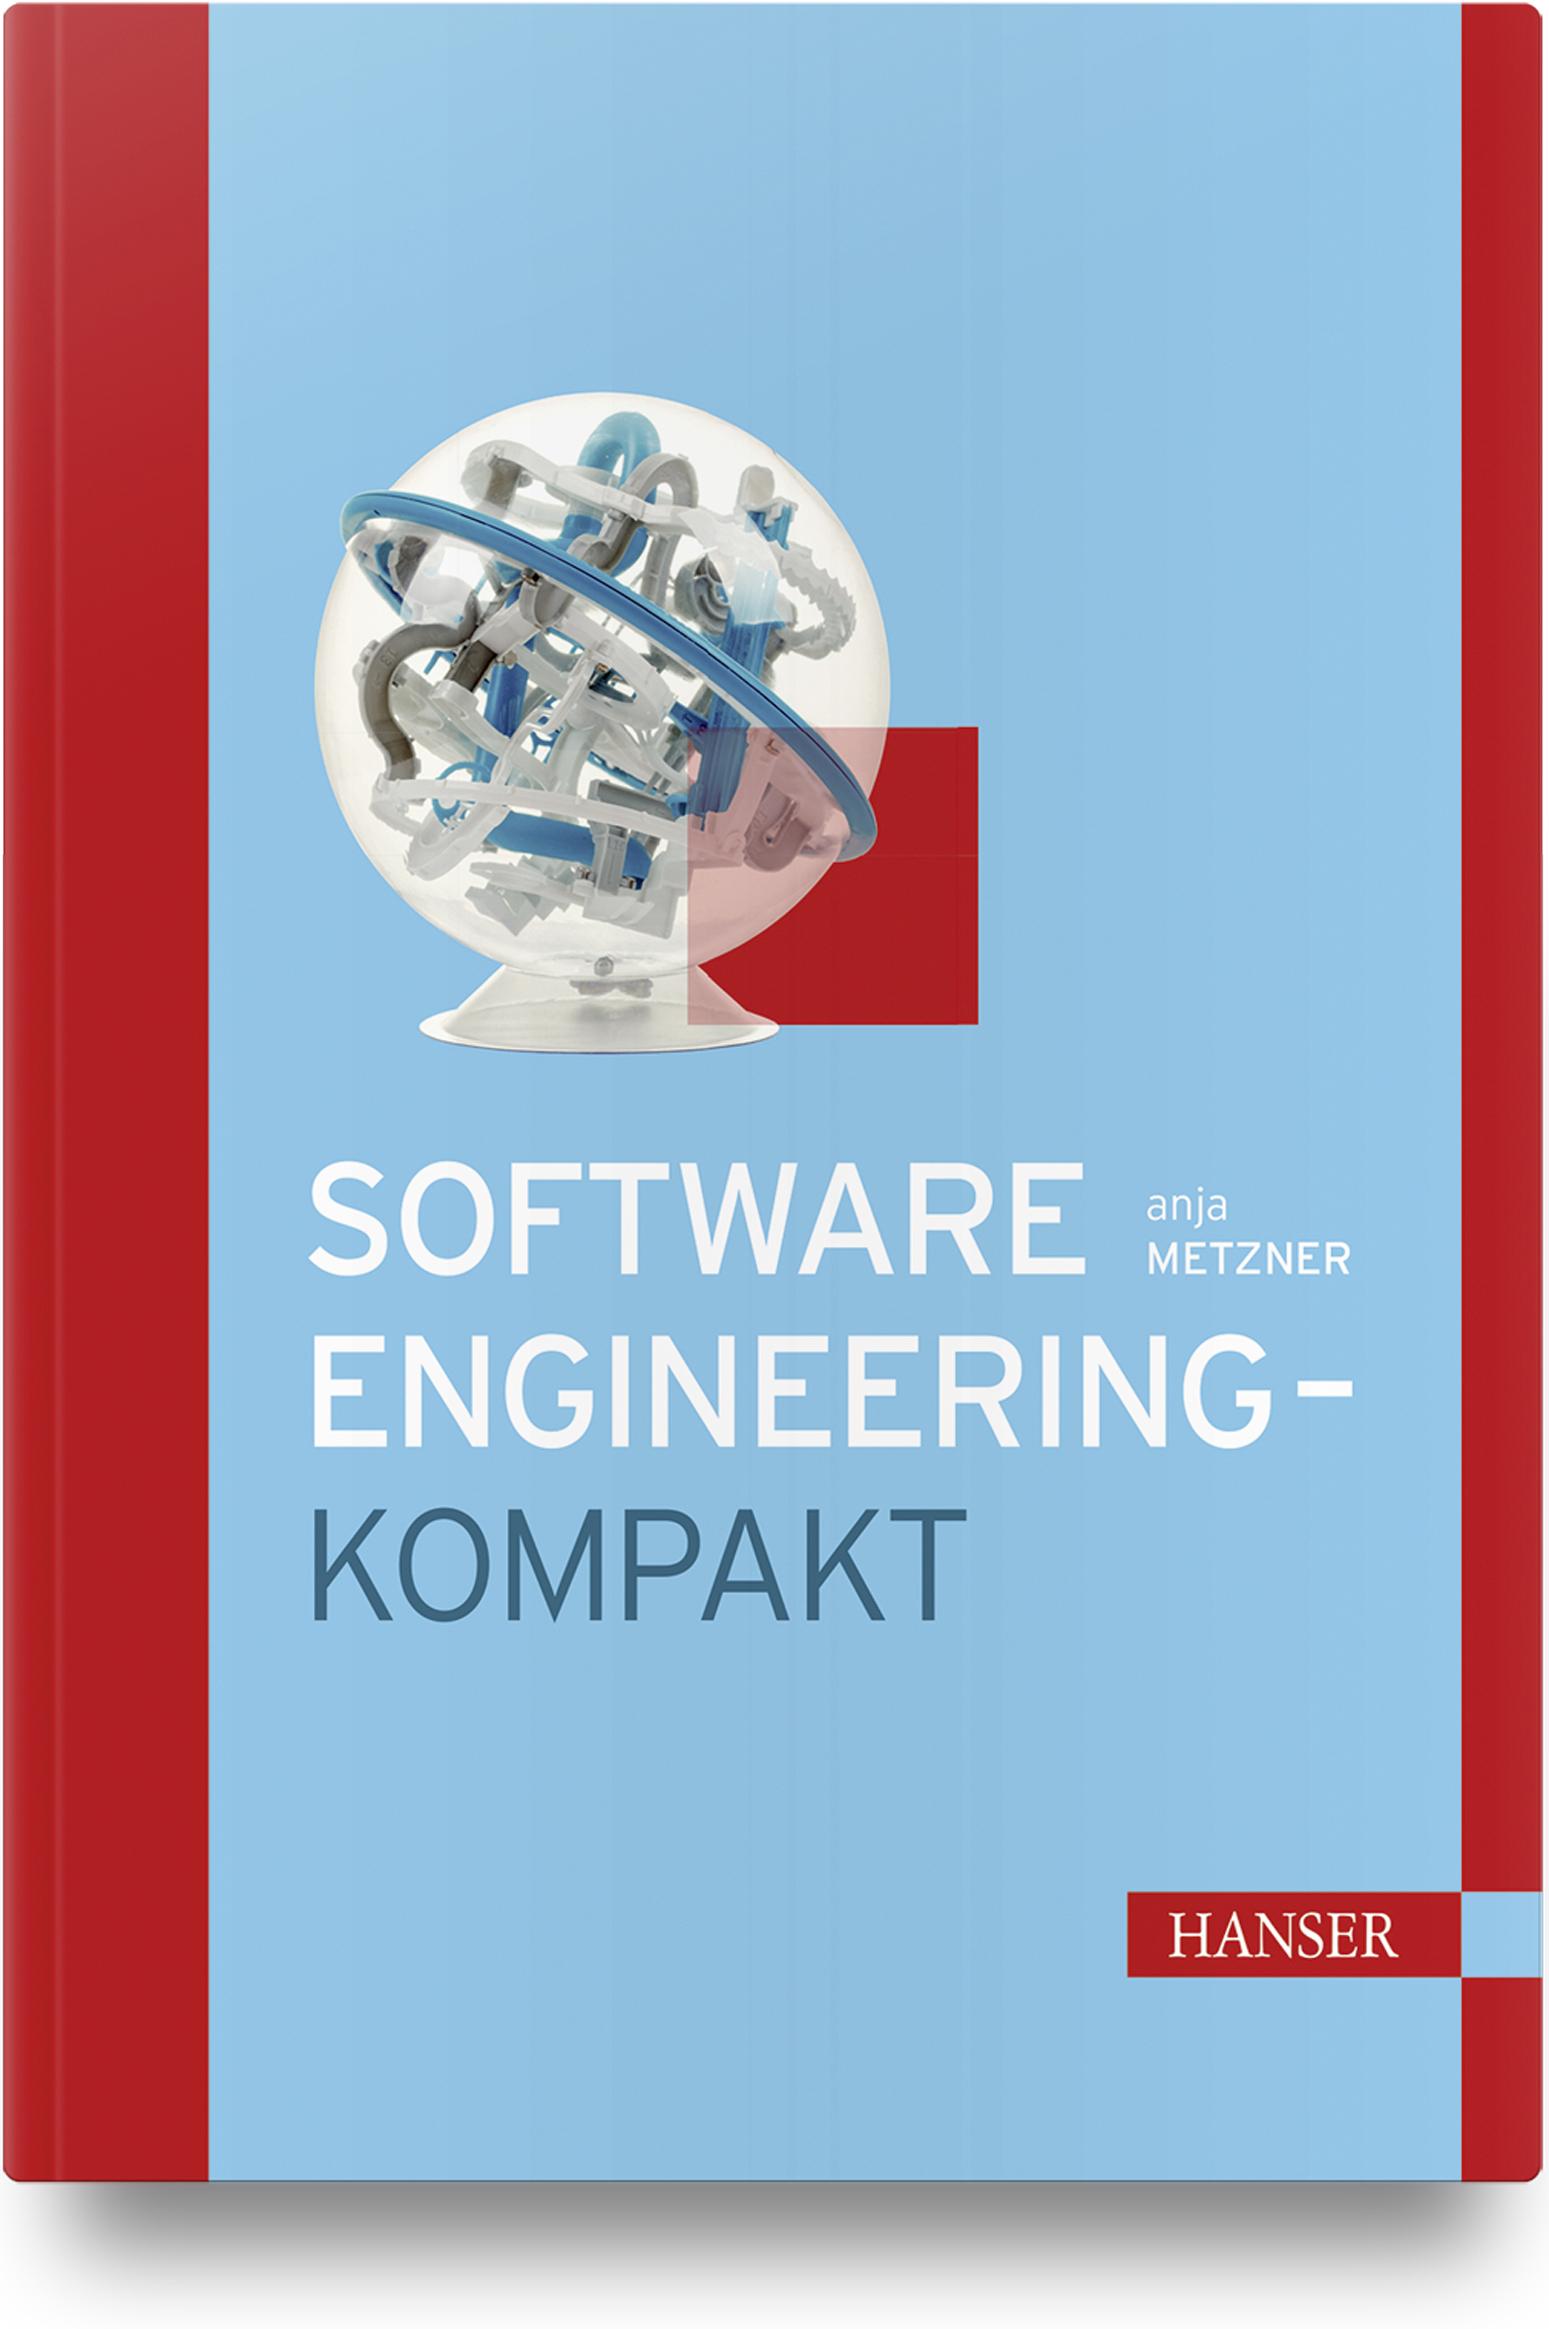 Metzner, Software-Engineering - kompakt, 978-3-446-45949-6